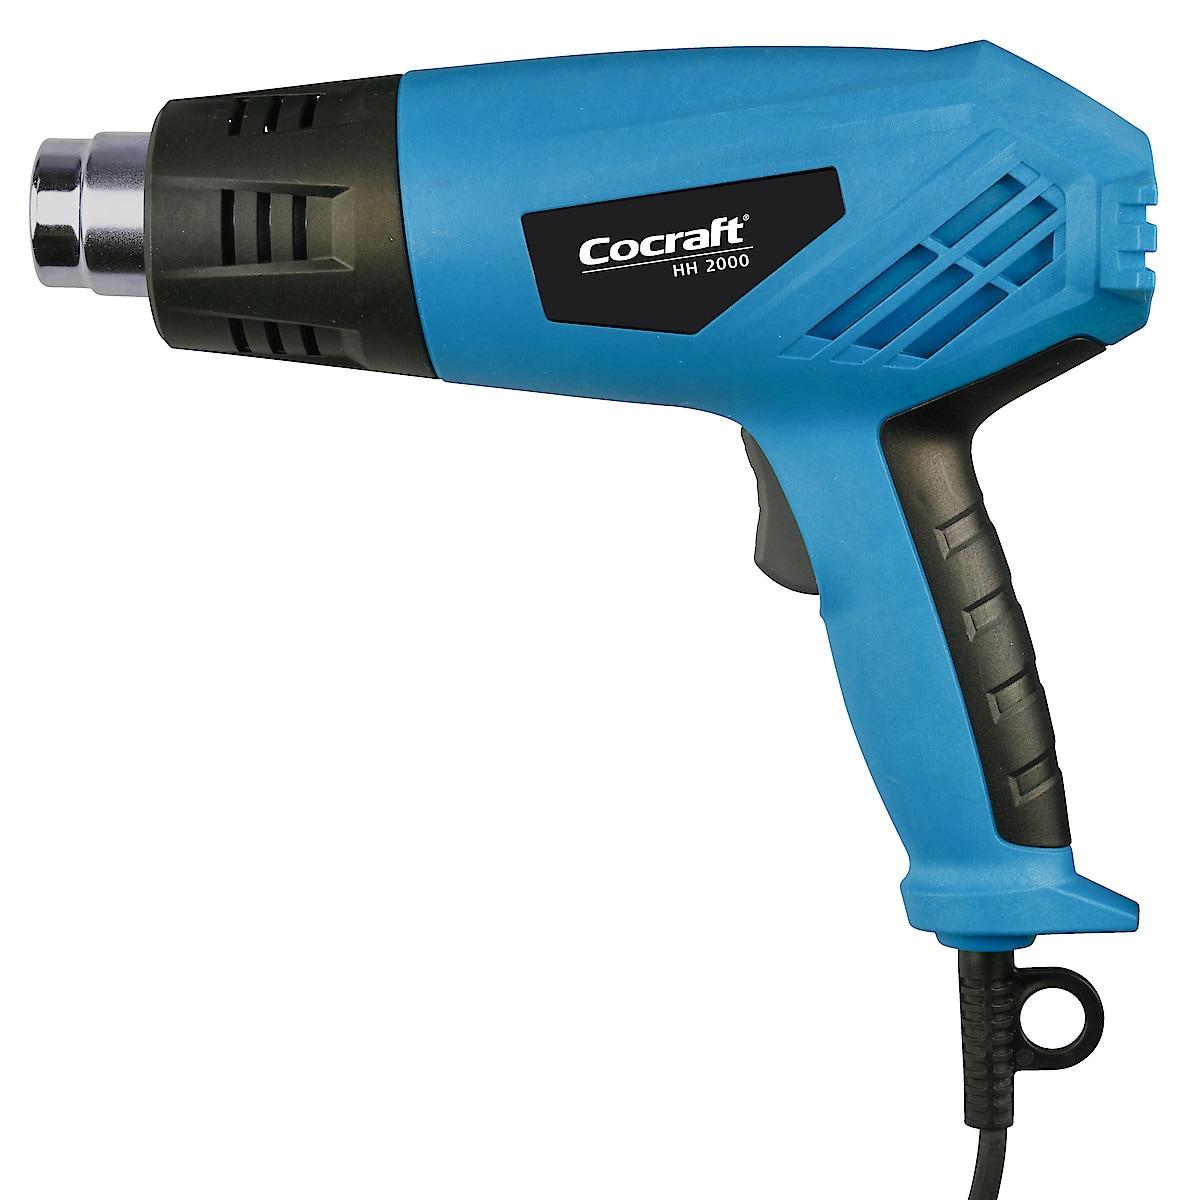 Heißluftpistole Cocraft HH 2000